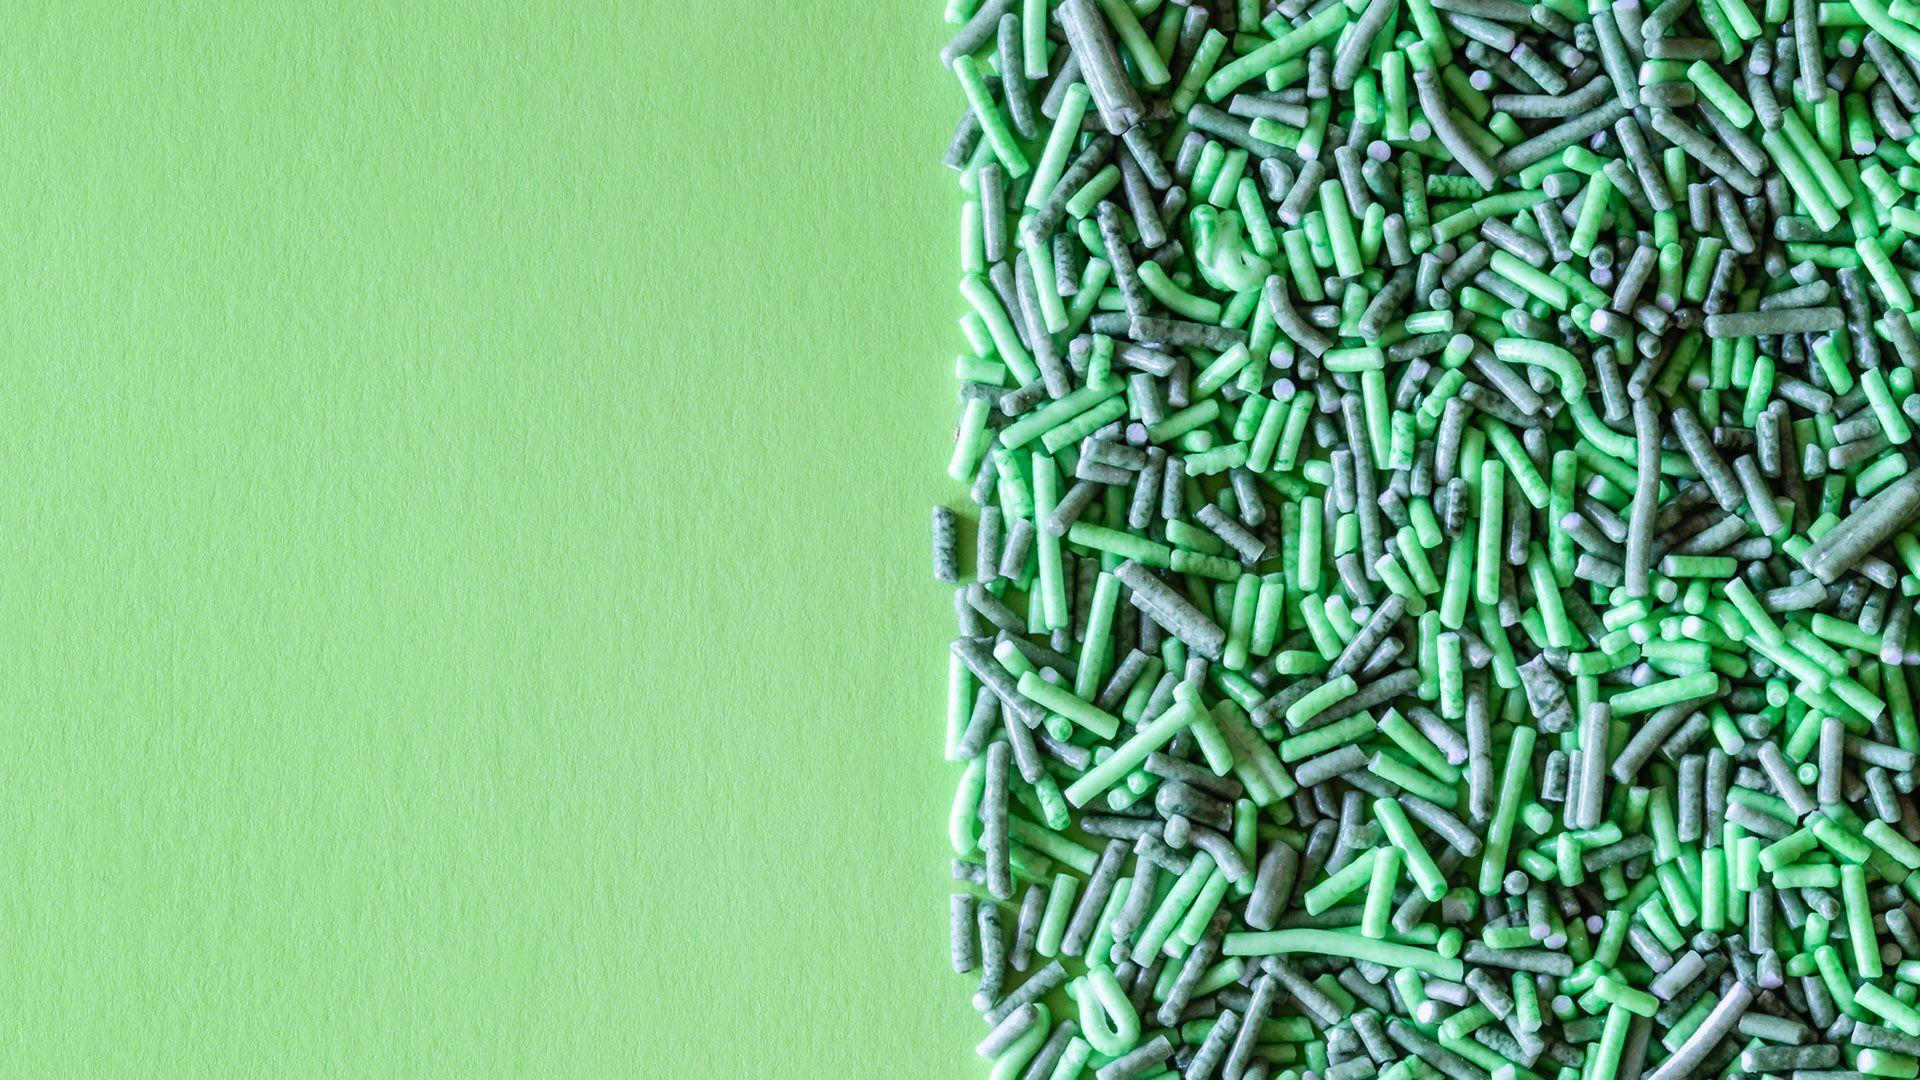 Halve bildet er en grønn bakgrunn. Halve bildet er kakestrøssel i to nyanser av grønnfarge. Illustrasjonsbilde brukt til sak om søkemotoroptimalisering, SEO, for markedsføringsbyrået Elg.